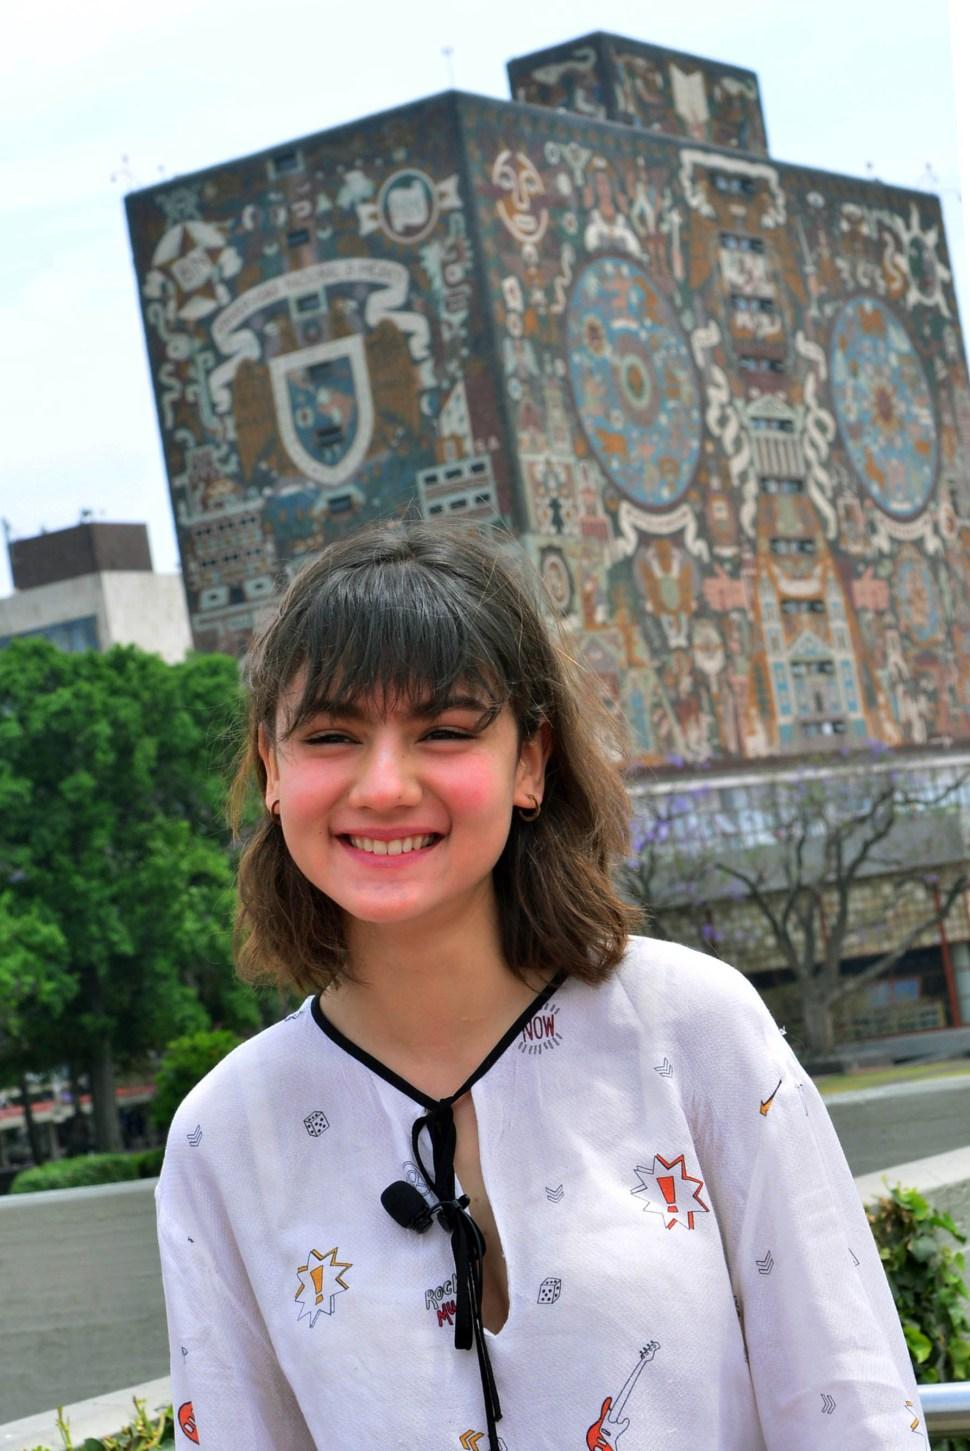 Paloma Allende Vargas quiere especializarse en oncología pediátrica o cirugía cariotorácica (DGCE)